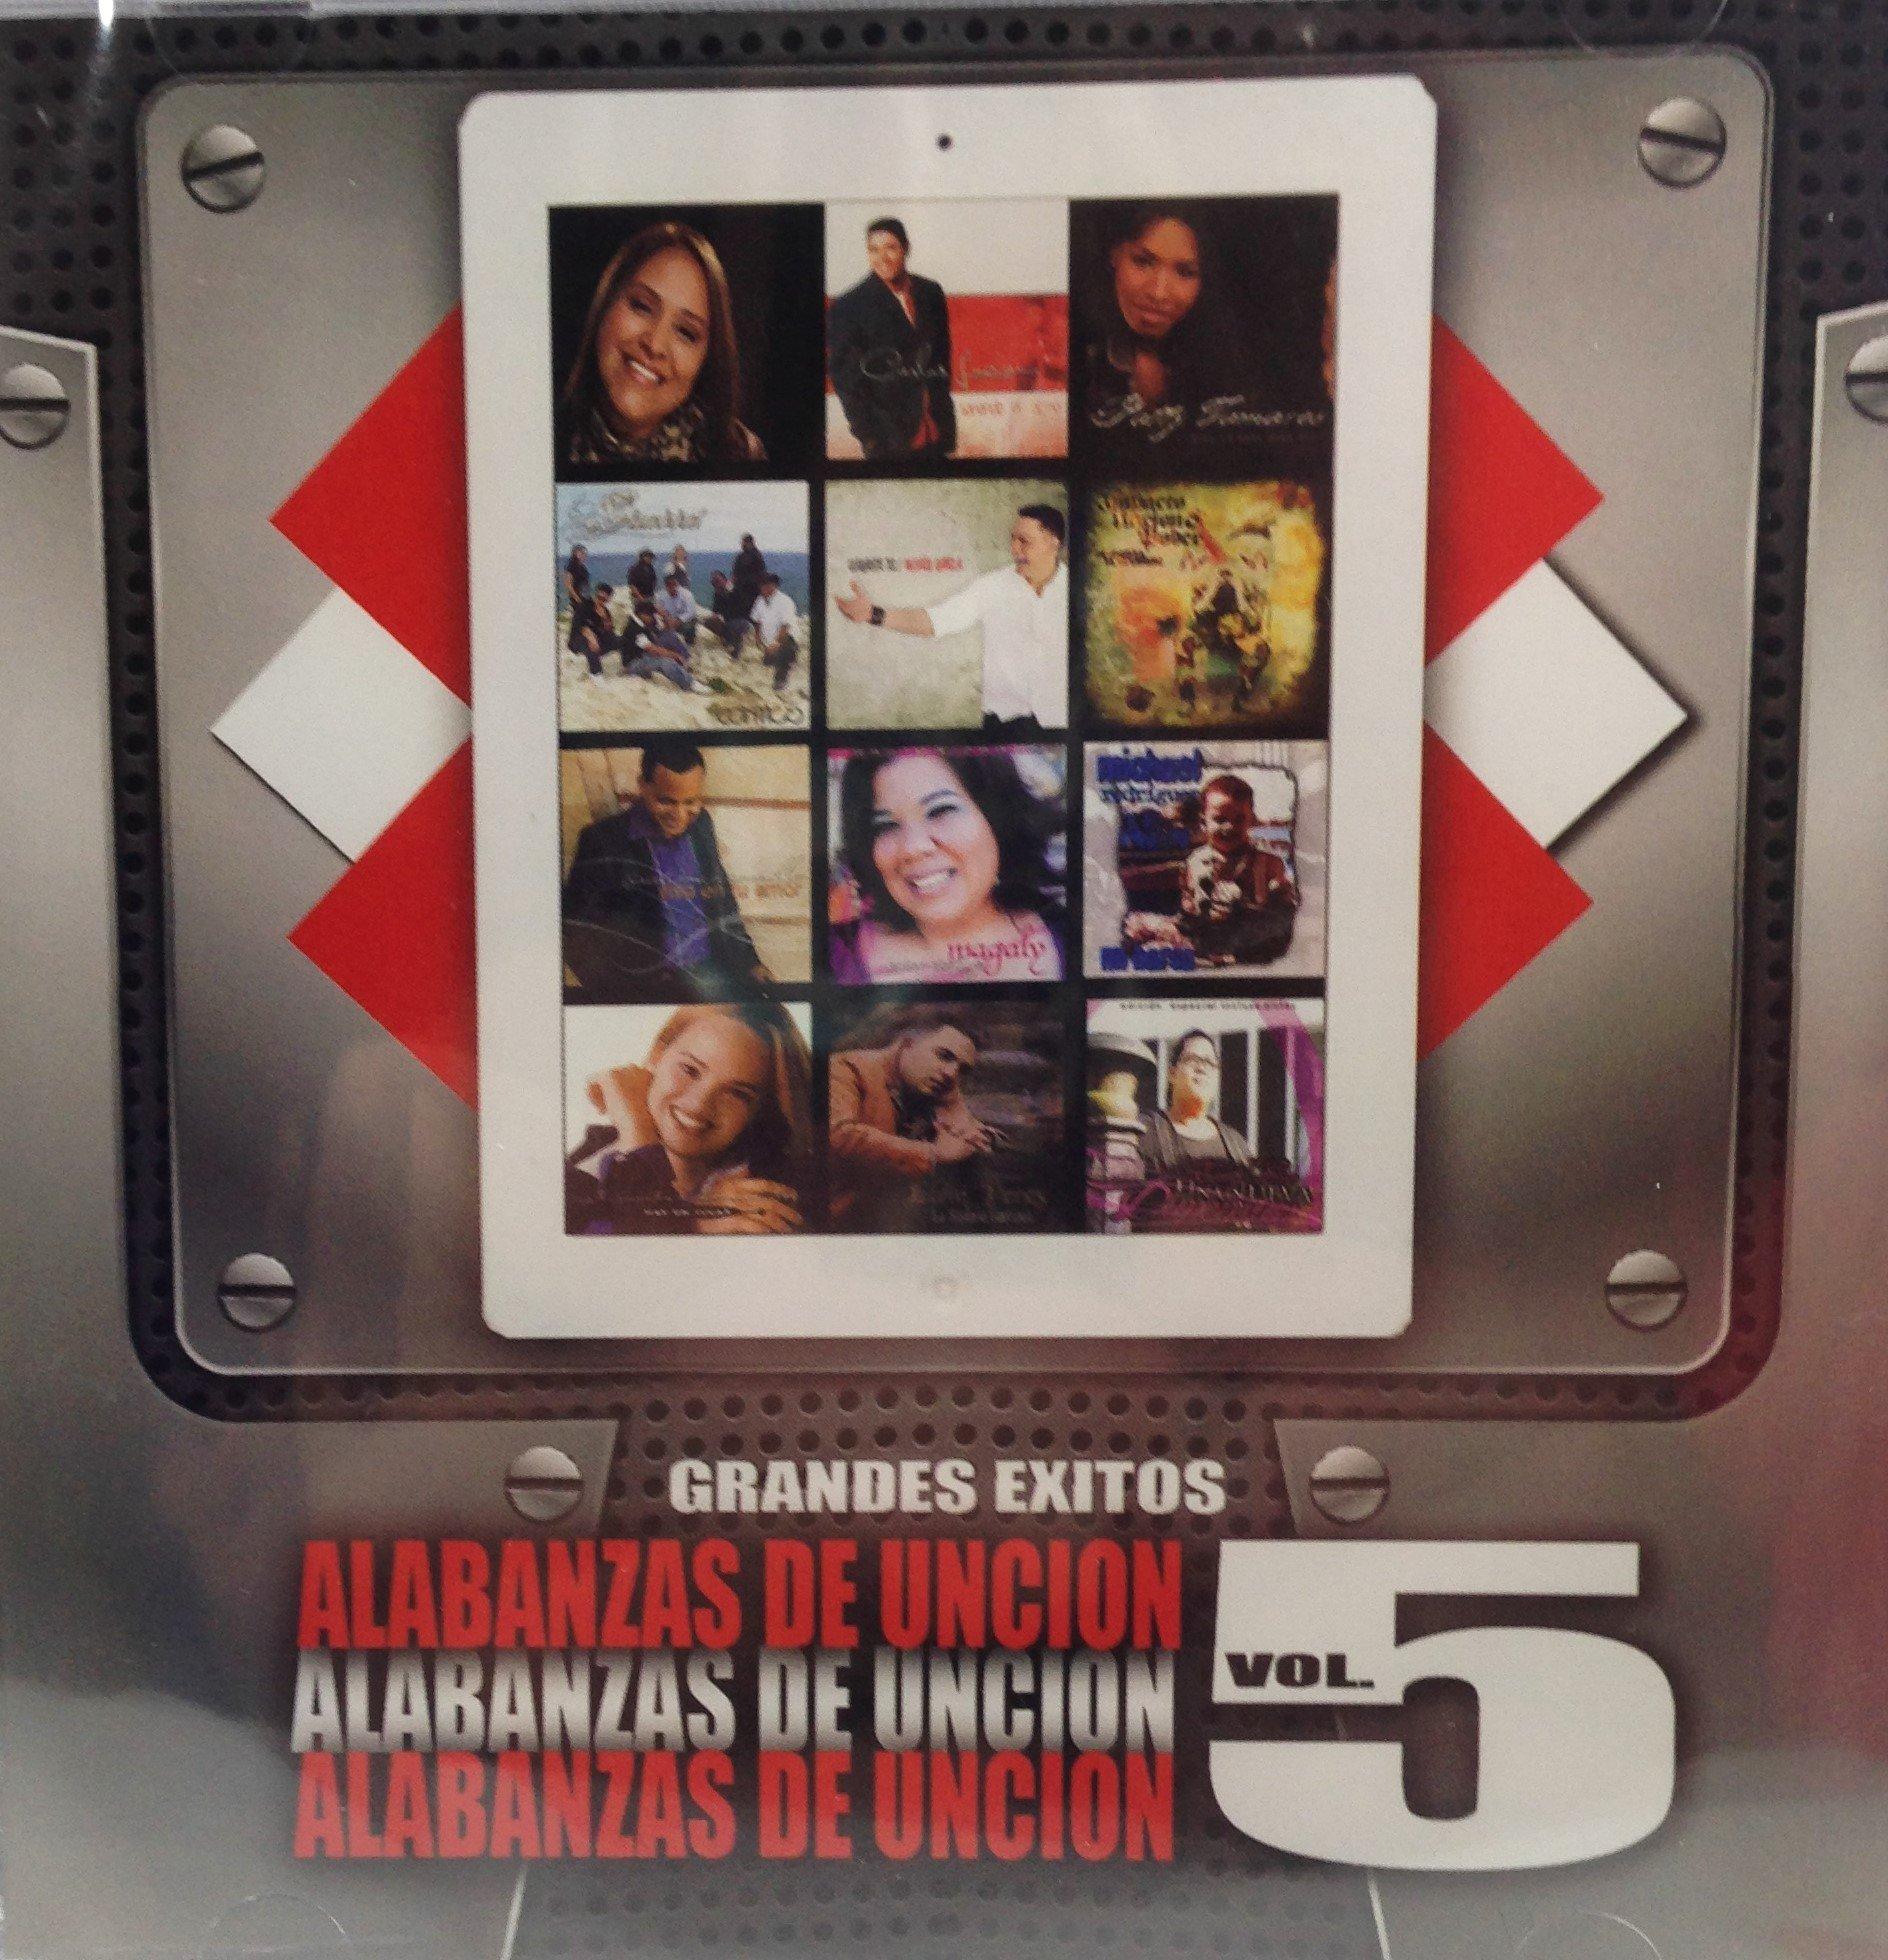 Alabanzas de Uncion Vol. 5